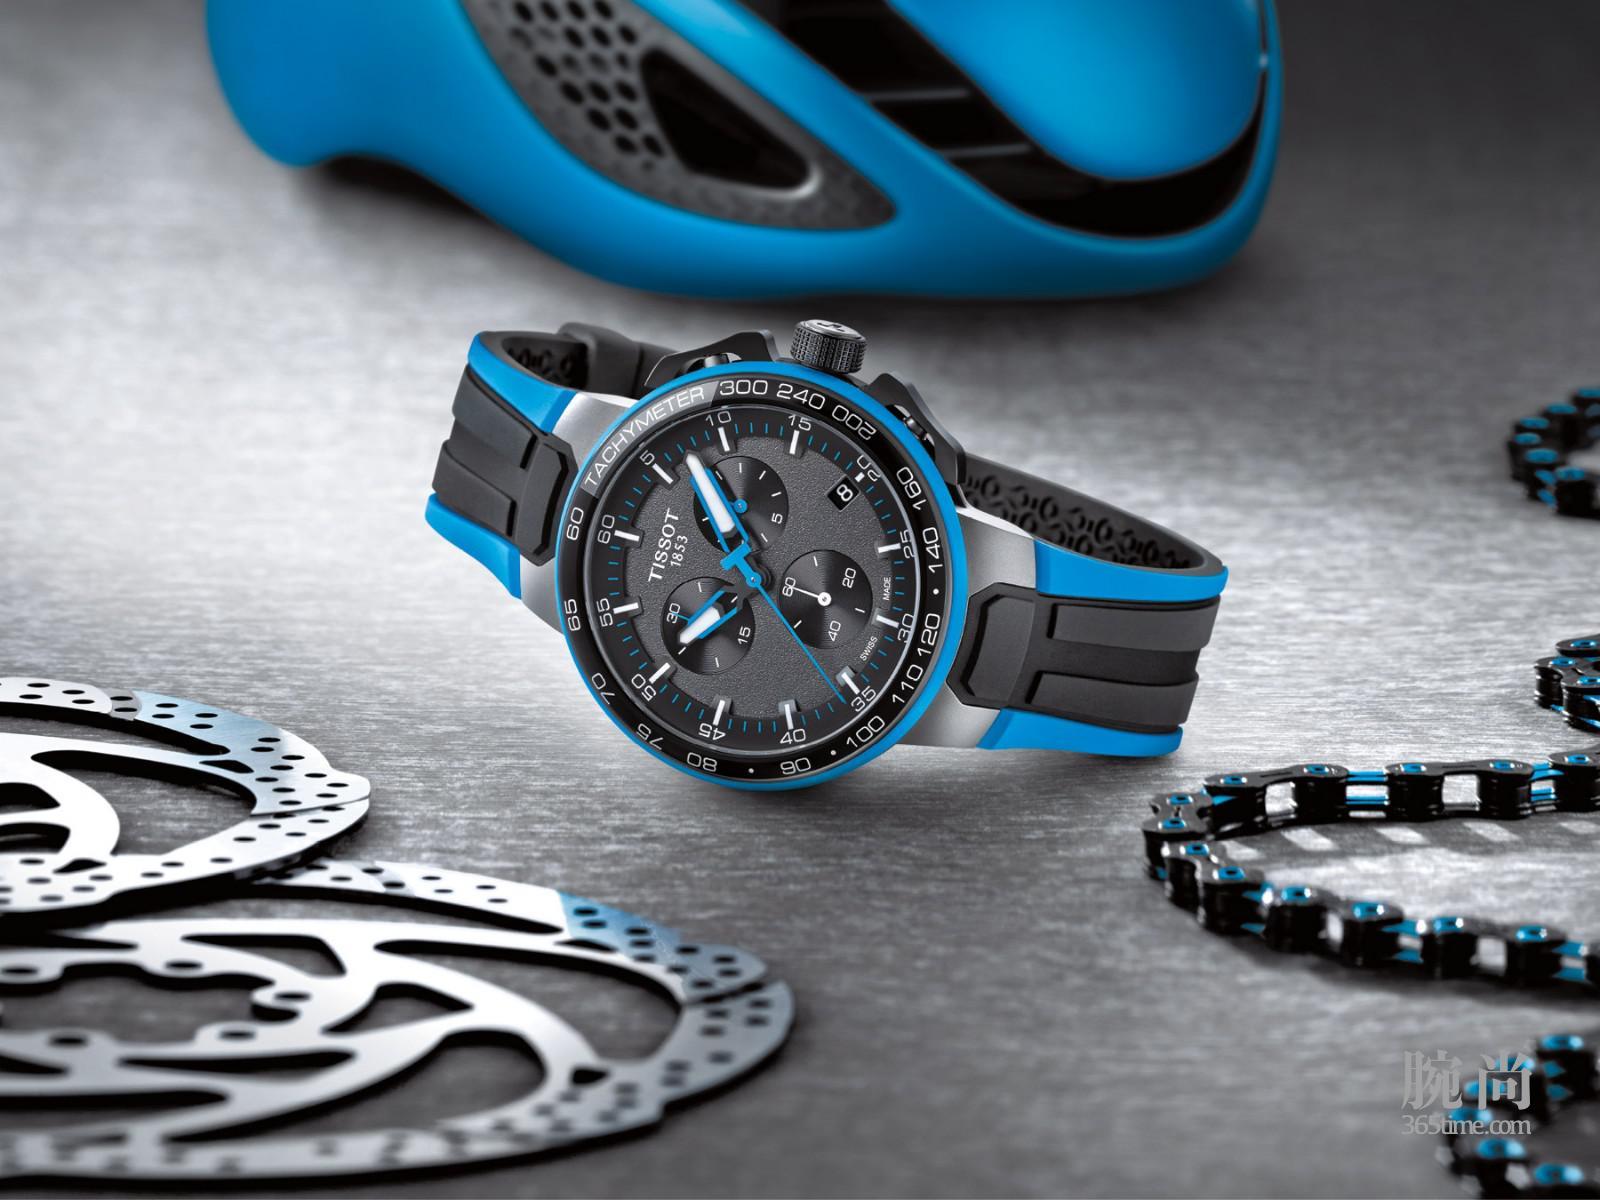 图3:天梭竞速系列自行车特别款腕表.jpg